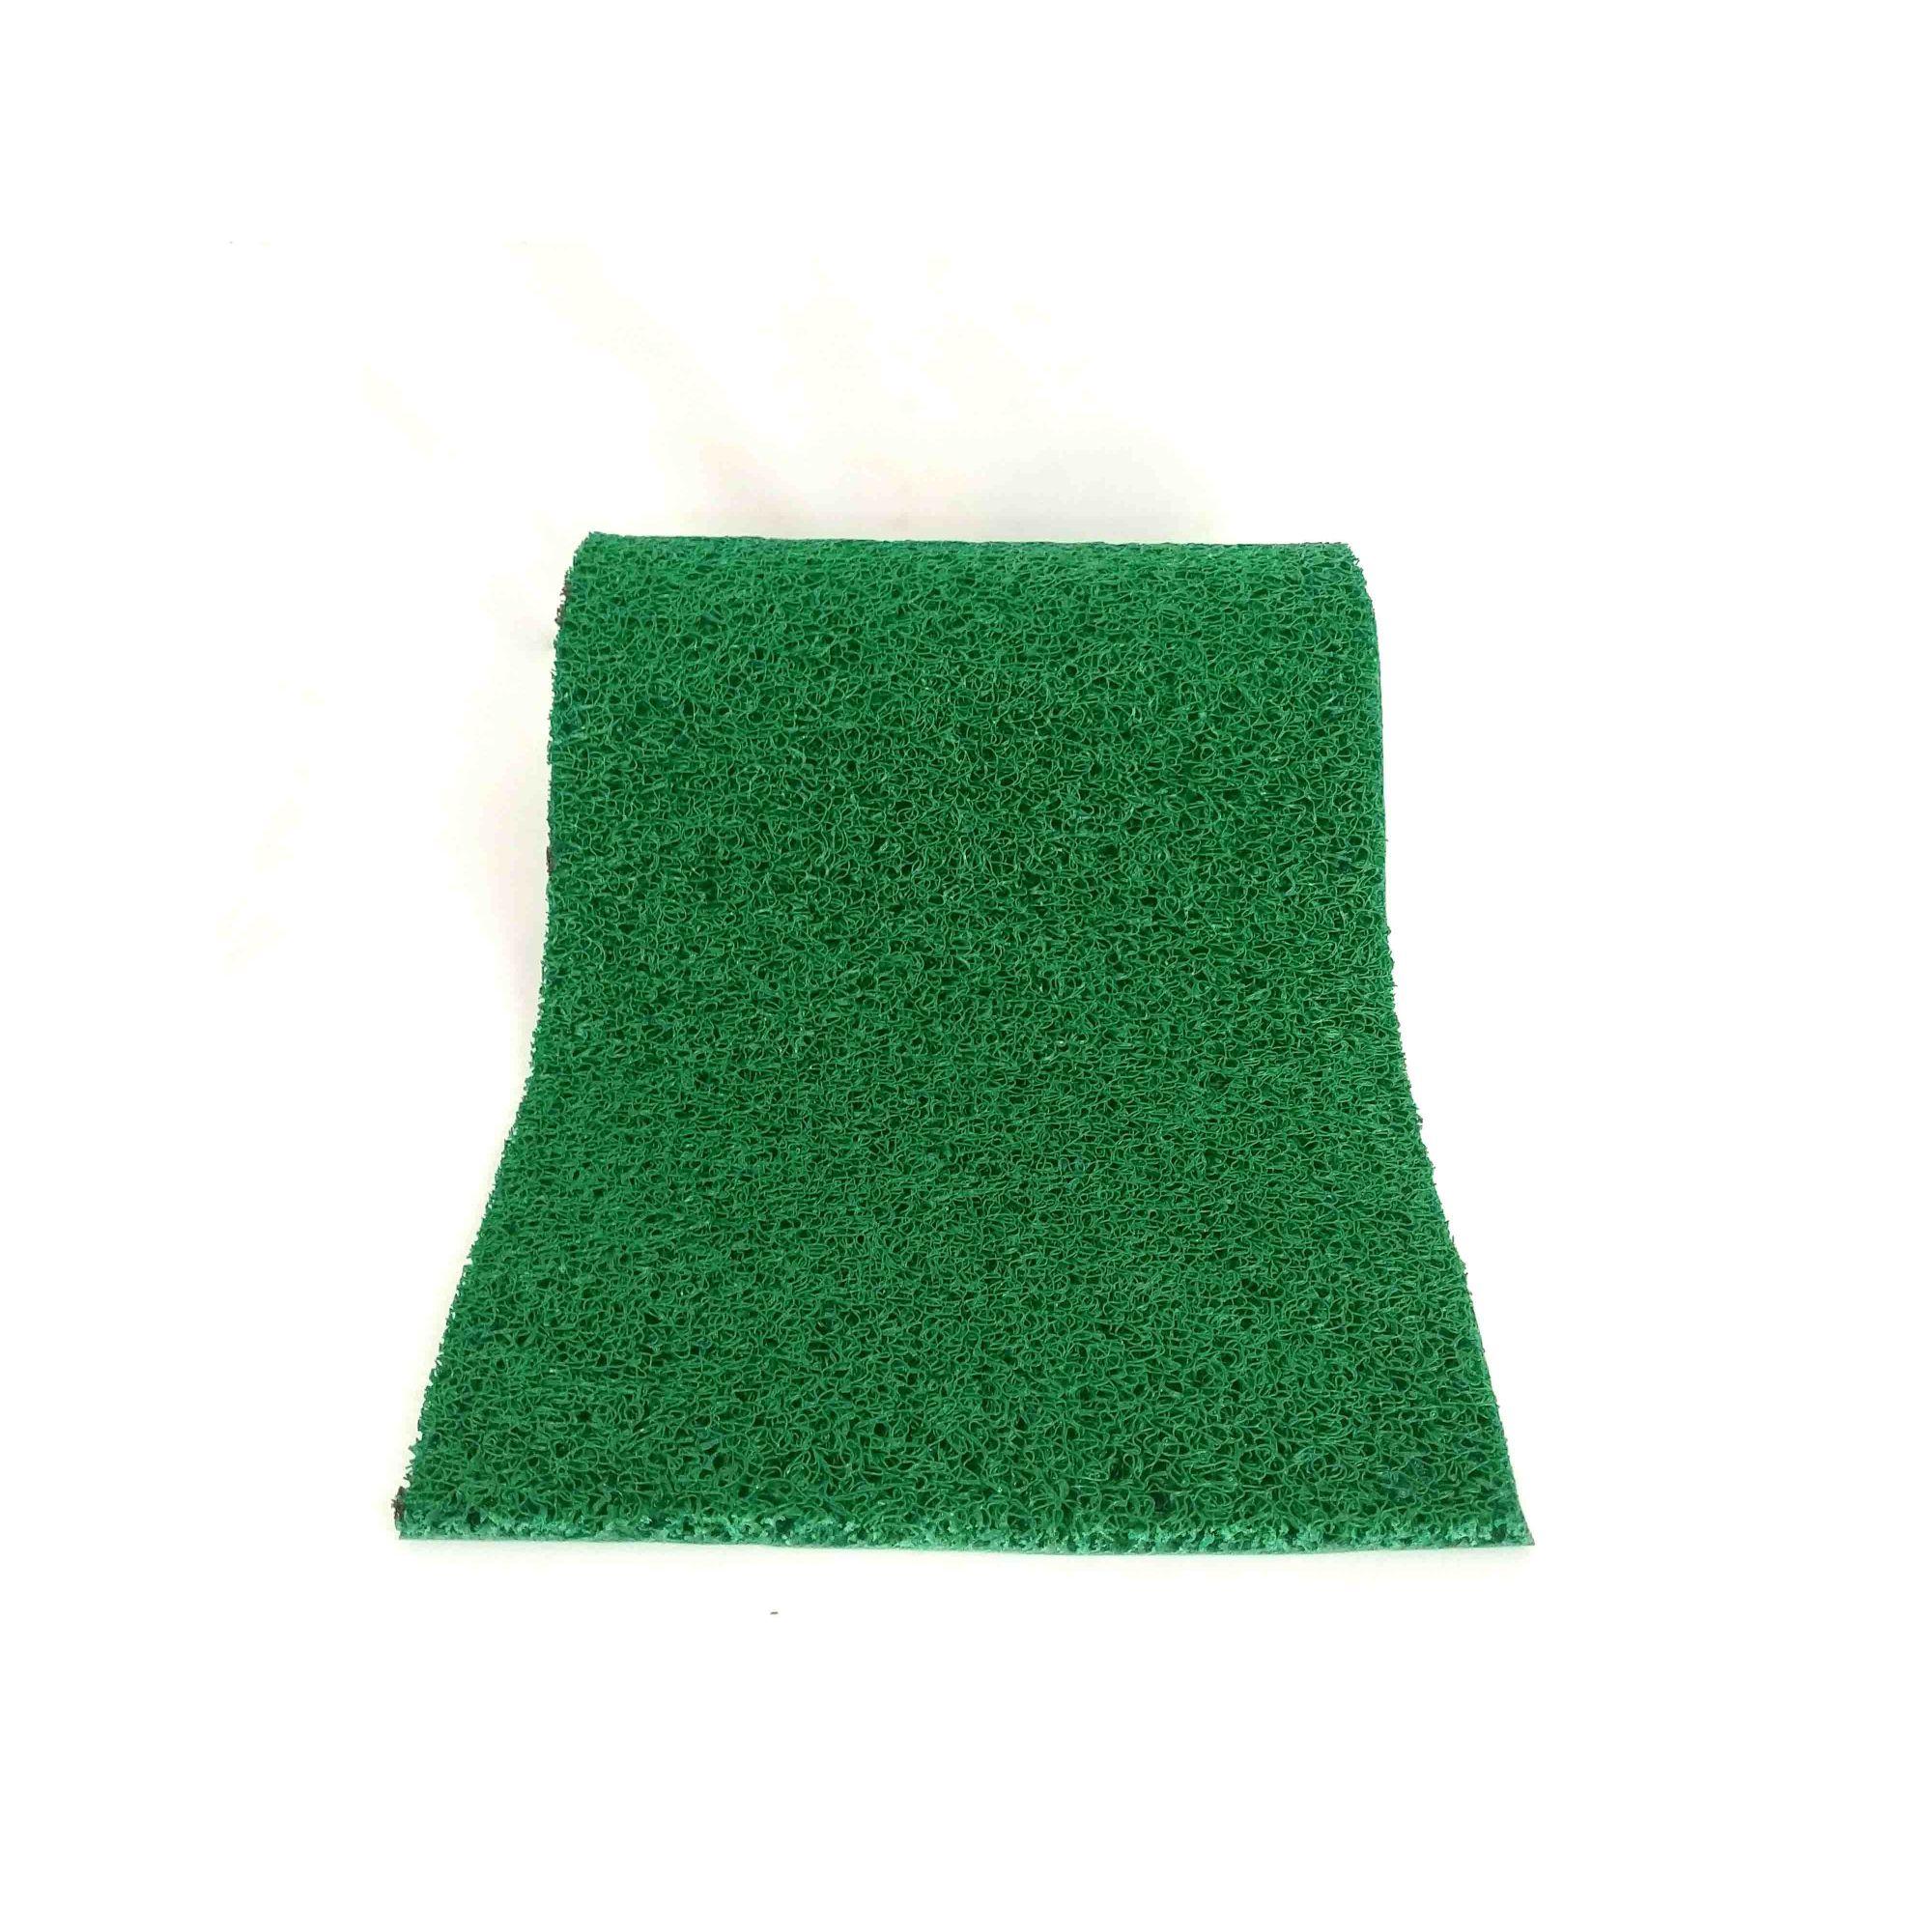 Carpete para Garimpo de Ouro - Vinil Gold 10 mm Espessura - Verde Bandeira | Outros Tamanhos